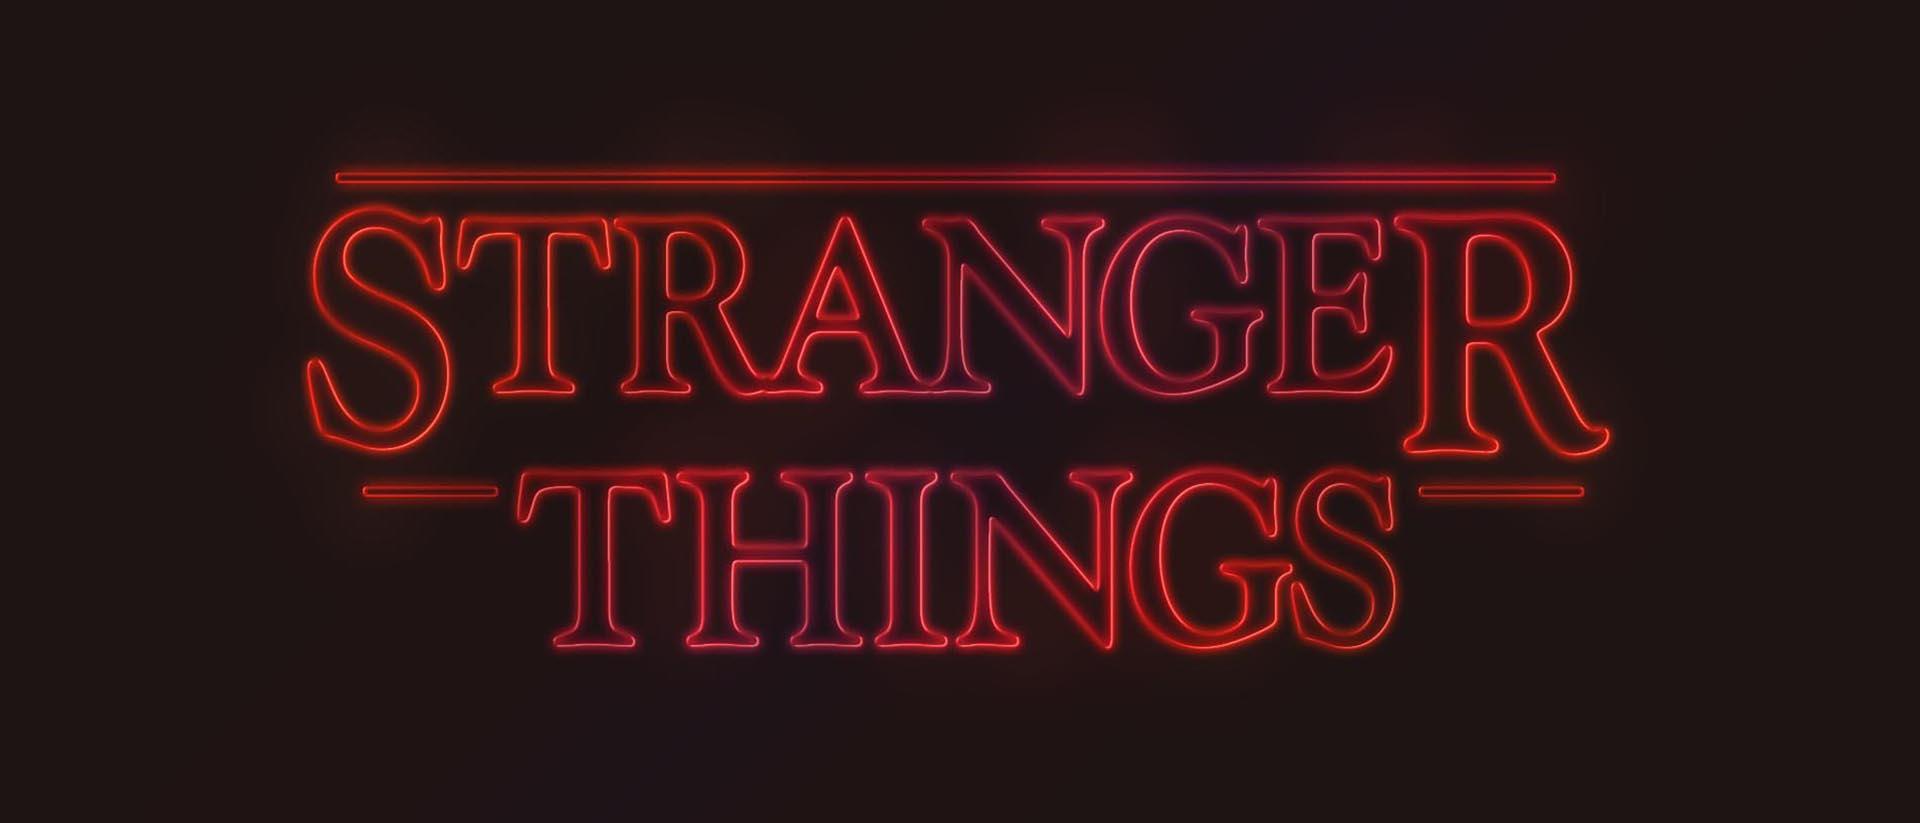 Stranger things banner